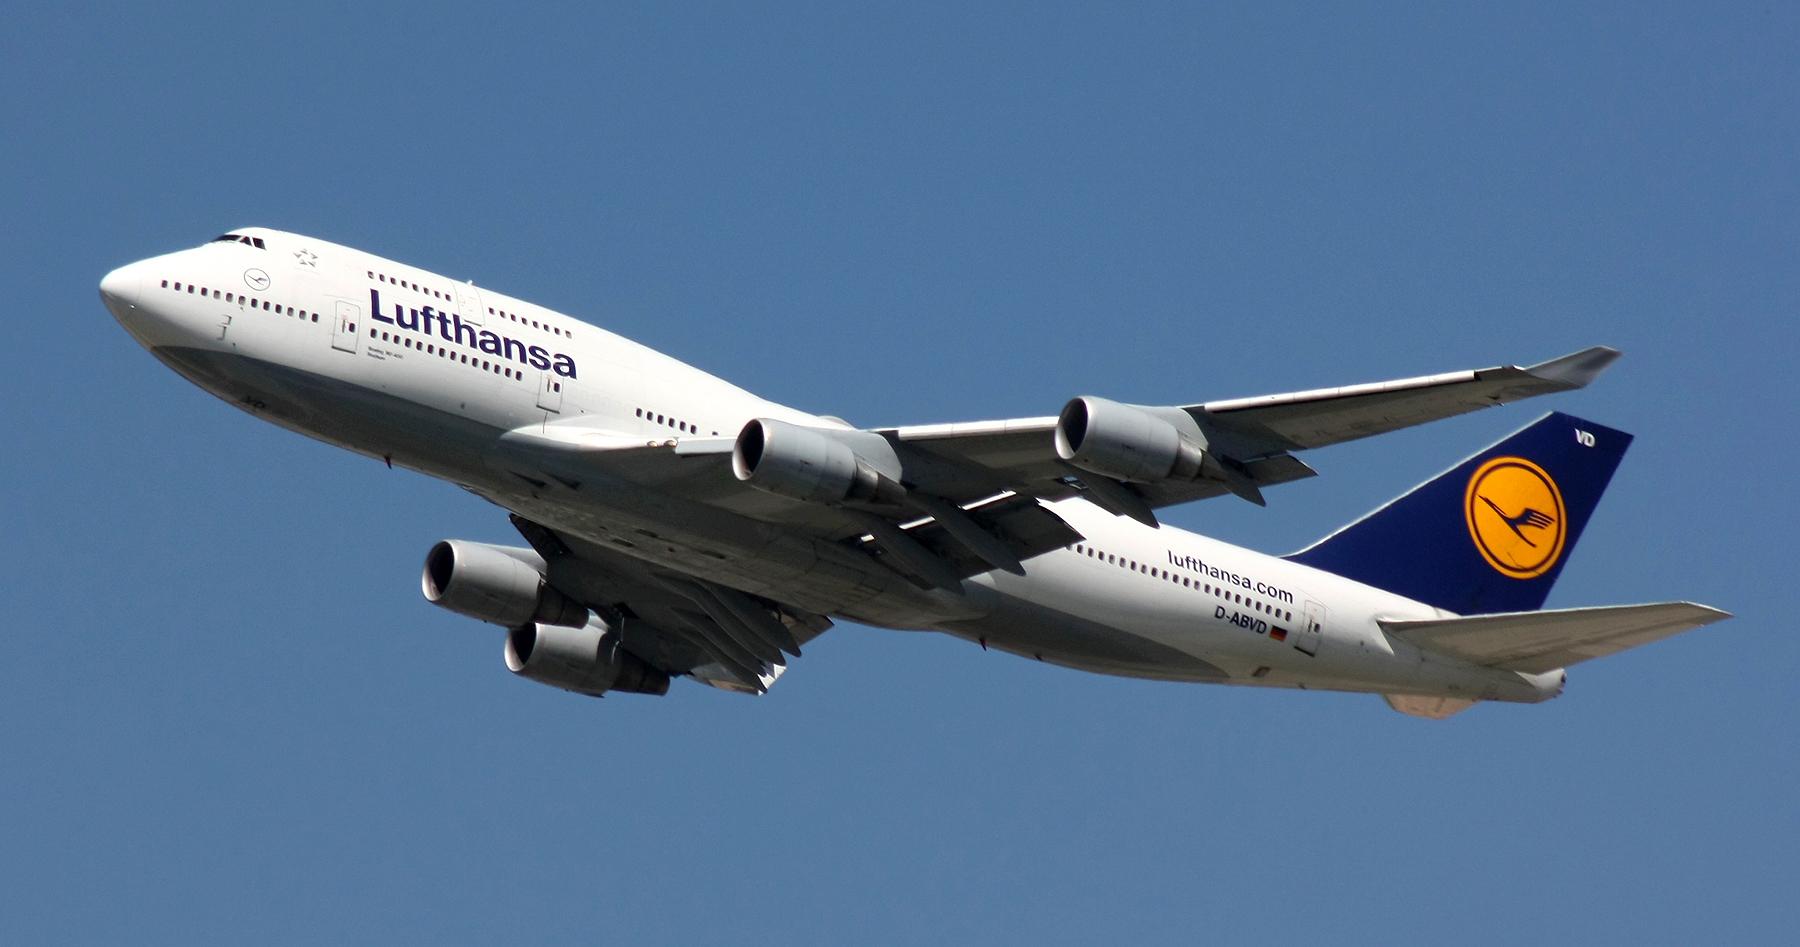 Las aerolíneas quieren reforzar la seguridad en los aviones, pero Lufthansa no lo ve necesario